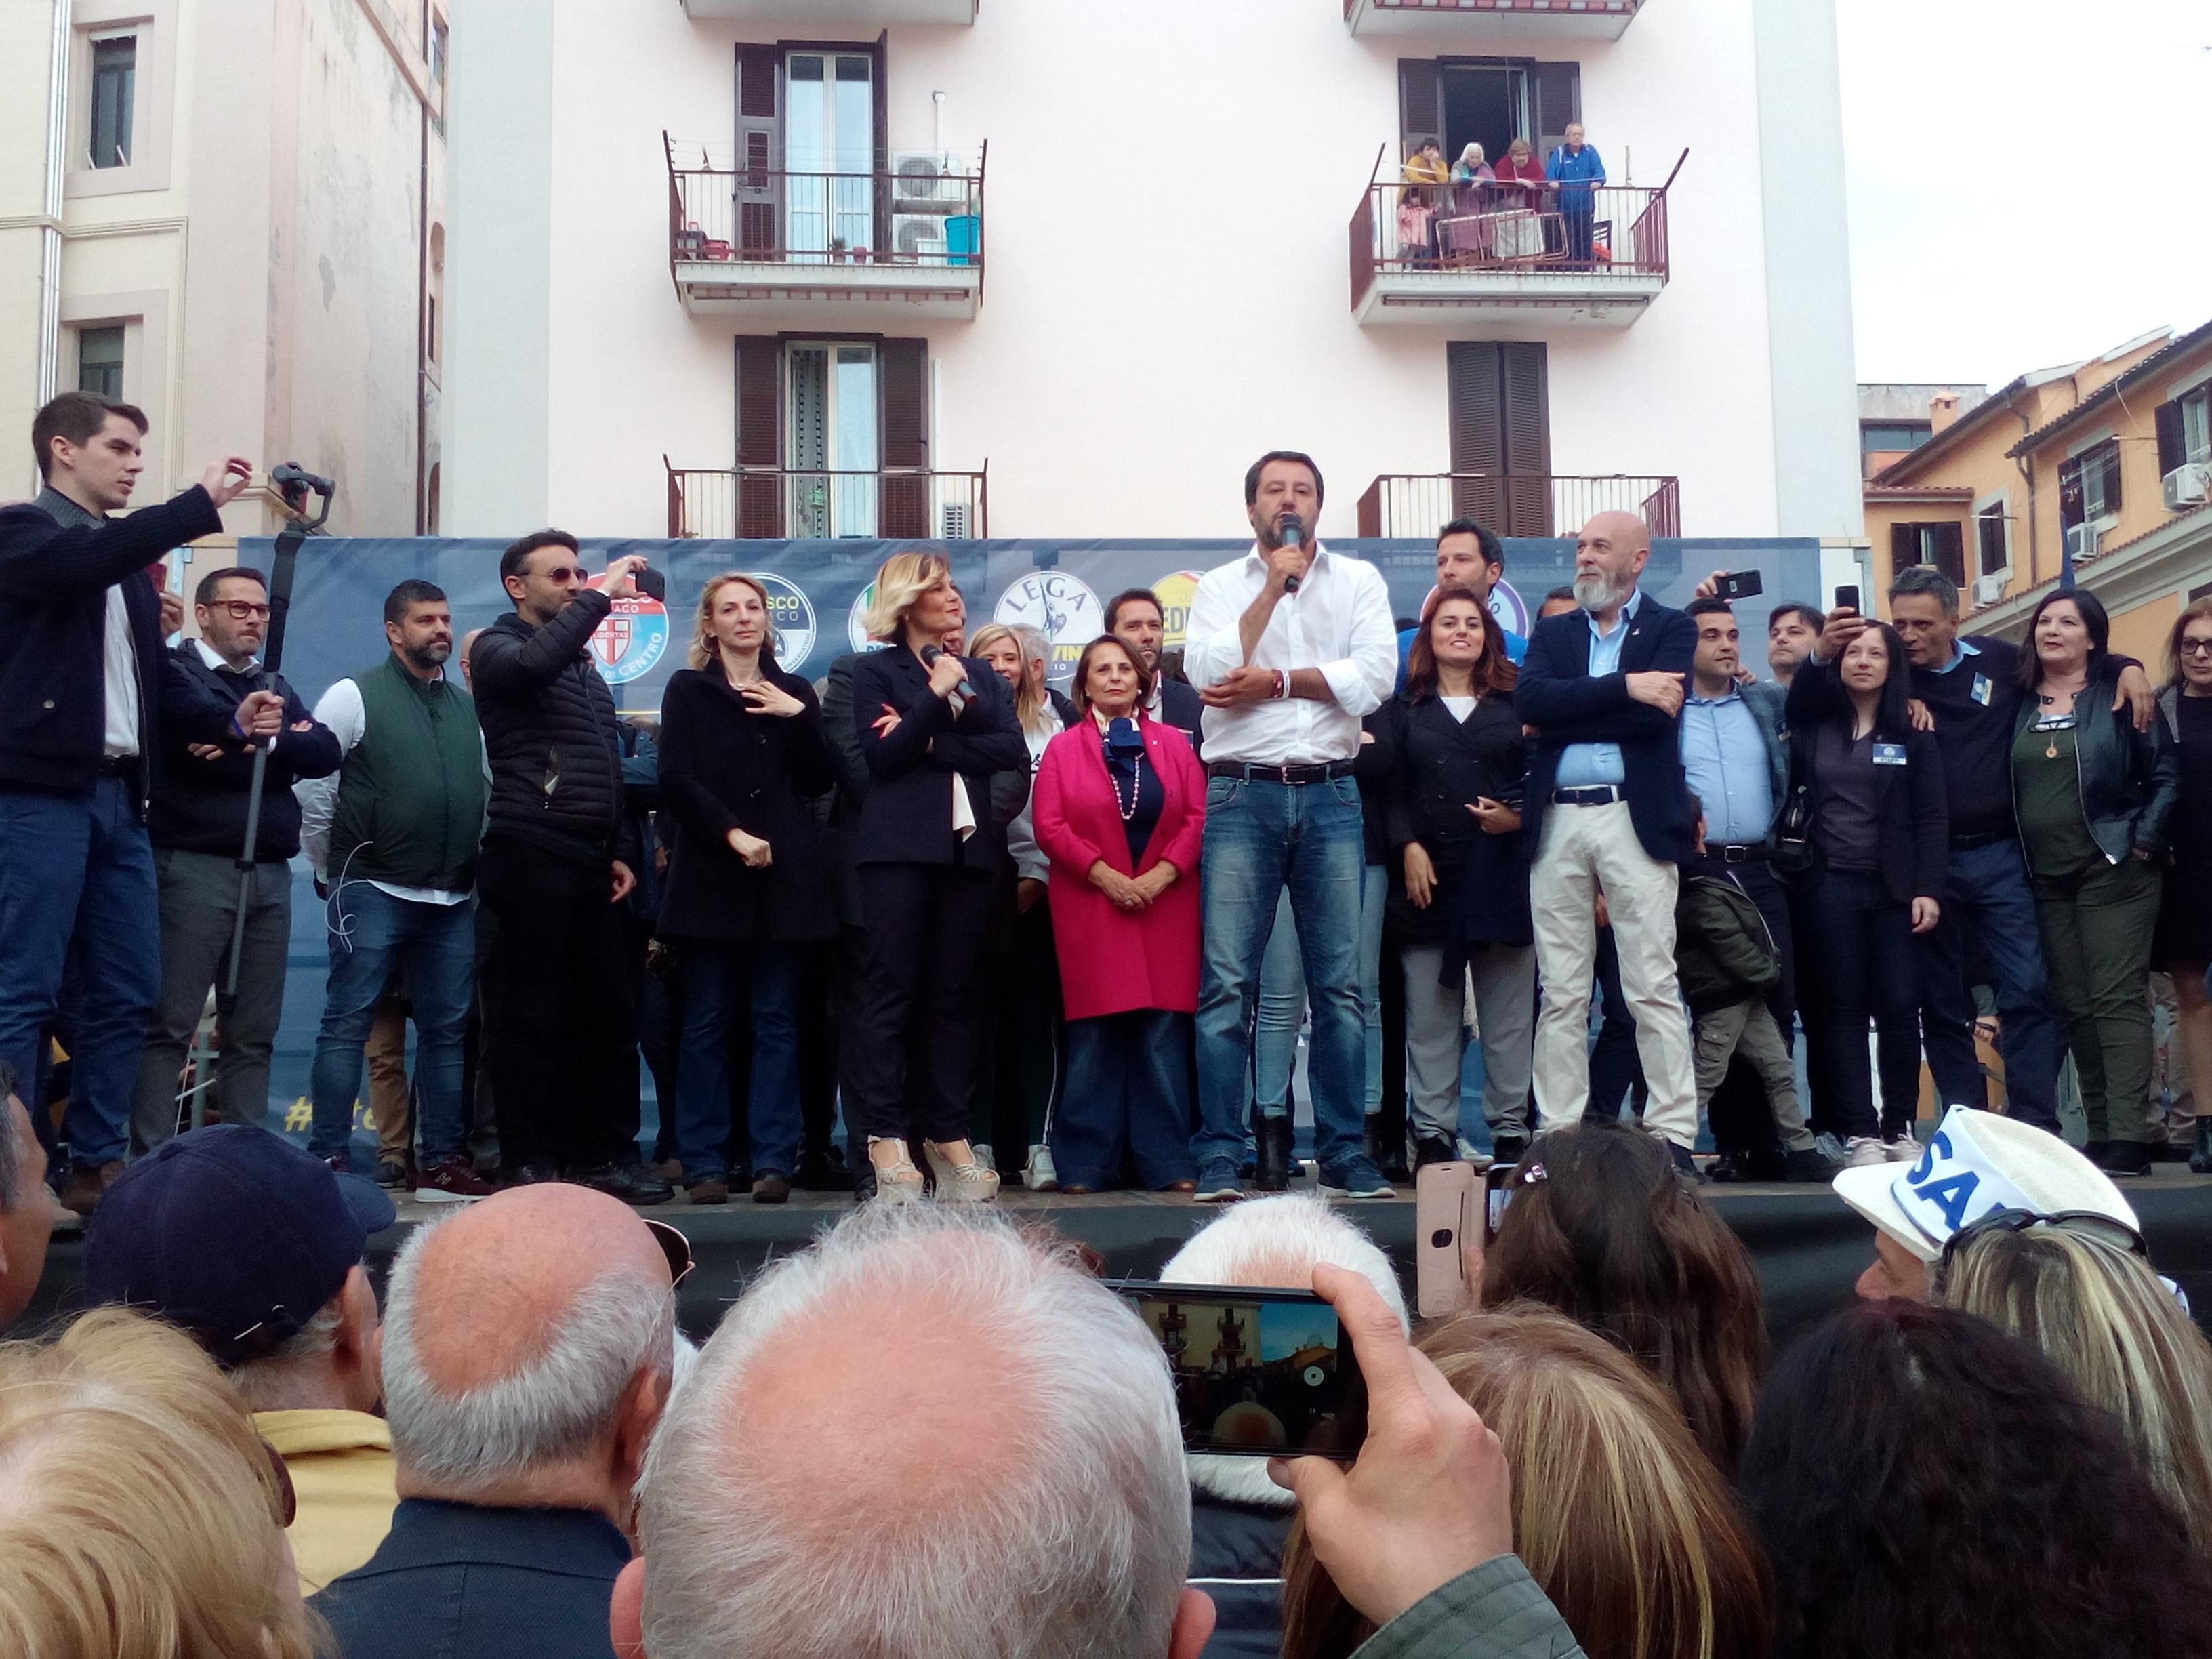 Il 2 giugno Salvini sarà a  Civitavecchia per sostenere il candidato Sindaco Tedesco in vista del ballottaggio